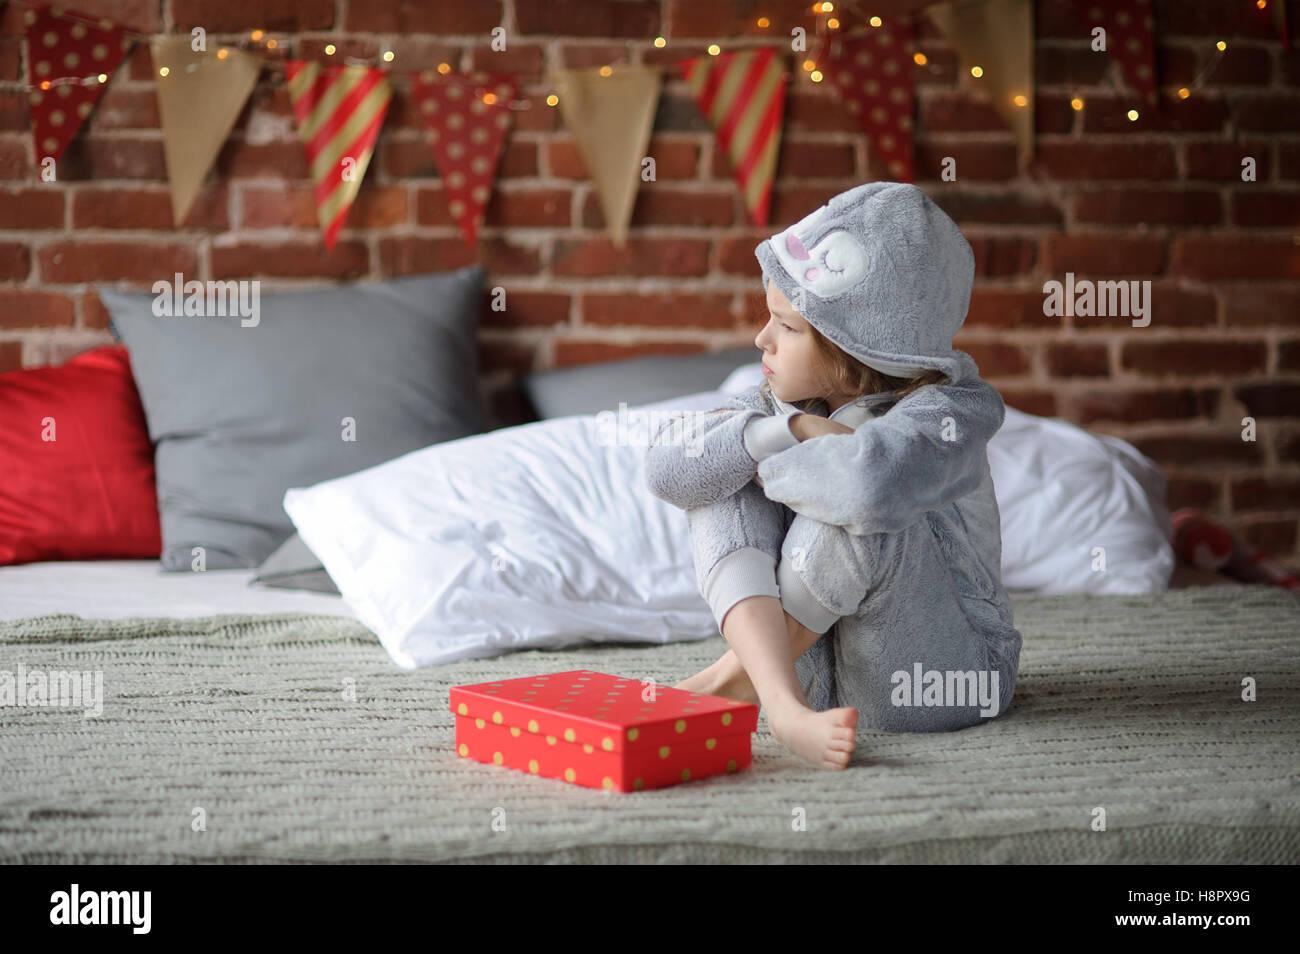 Kleines Mädchen in einem Schlafanzug sitzt alleine auf einem großen ...